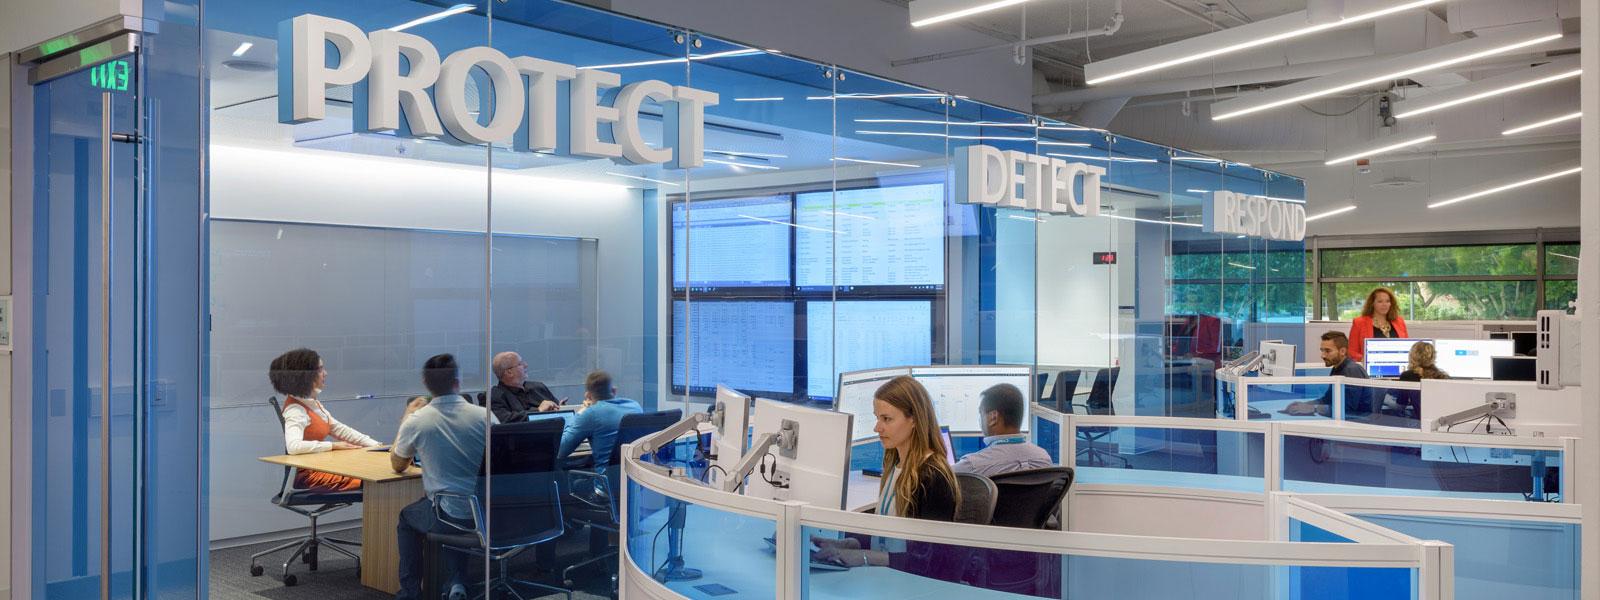 人們在會議室工作,桌上是安全性偵測中心